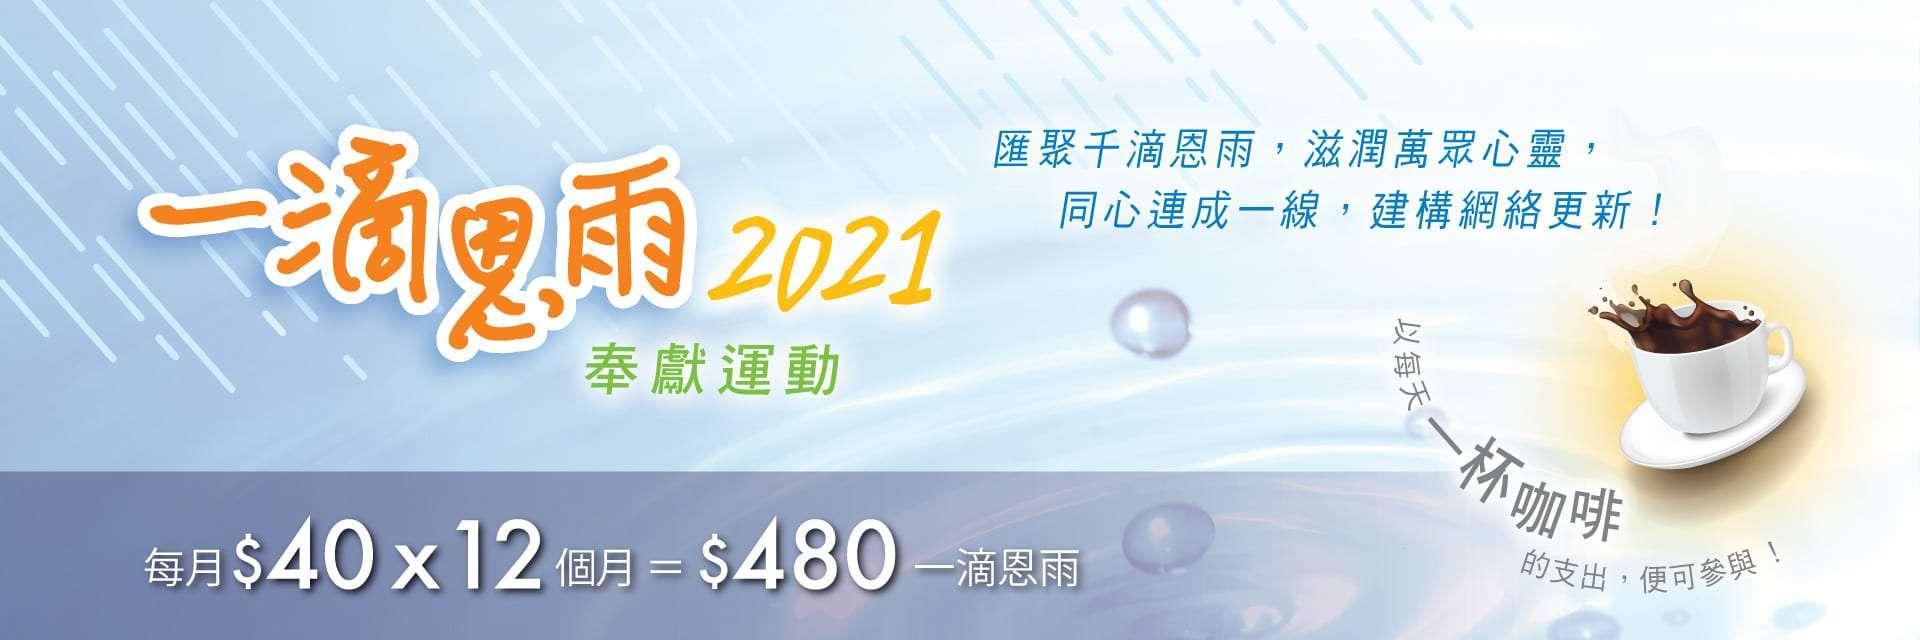 【一滴恩雨】奉獻運動 2021